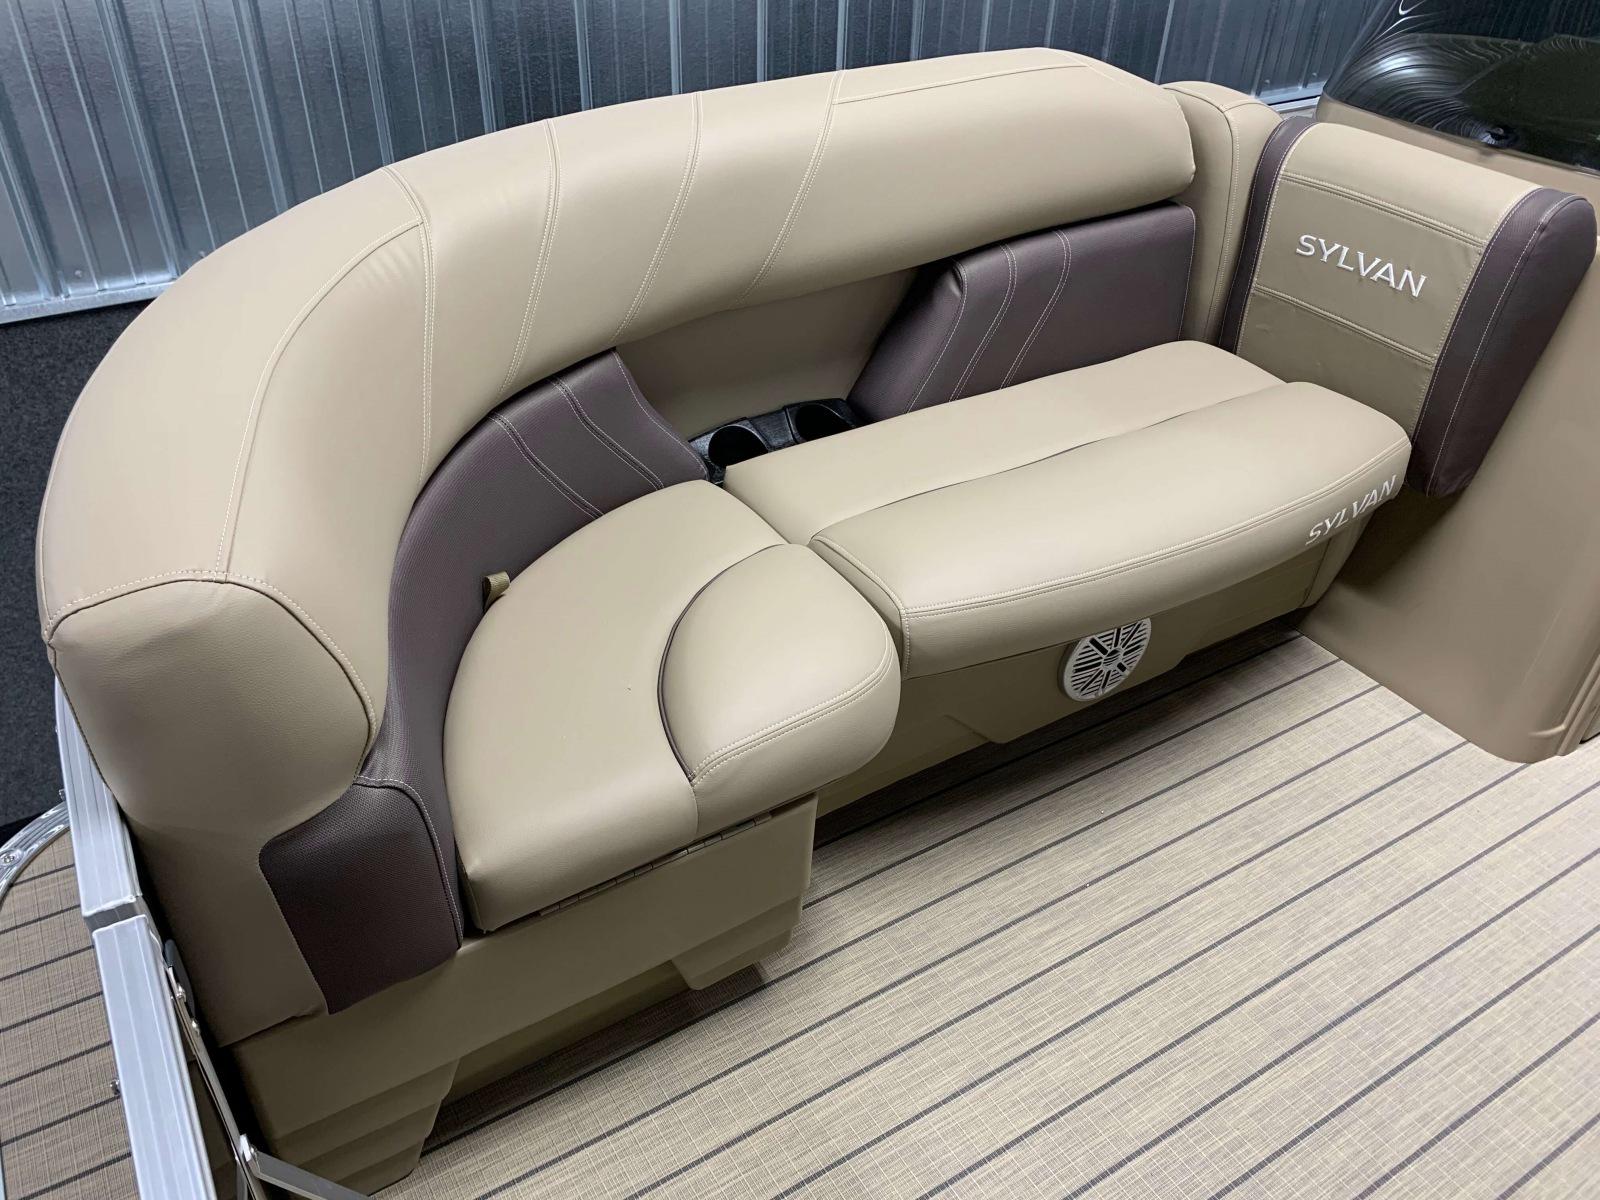 Tan Interior Seating of a 2020 Sylvan Mirage 820 Cruise Pontoon 2